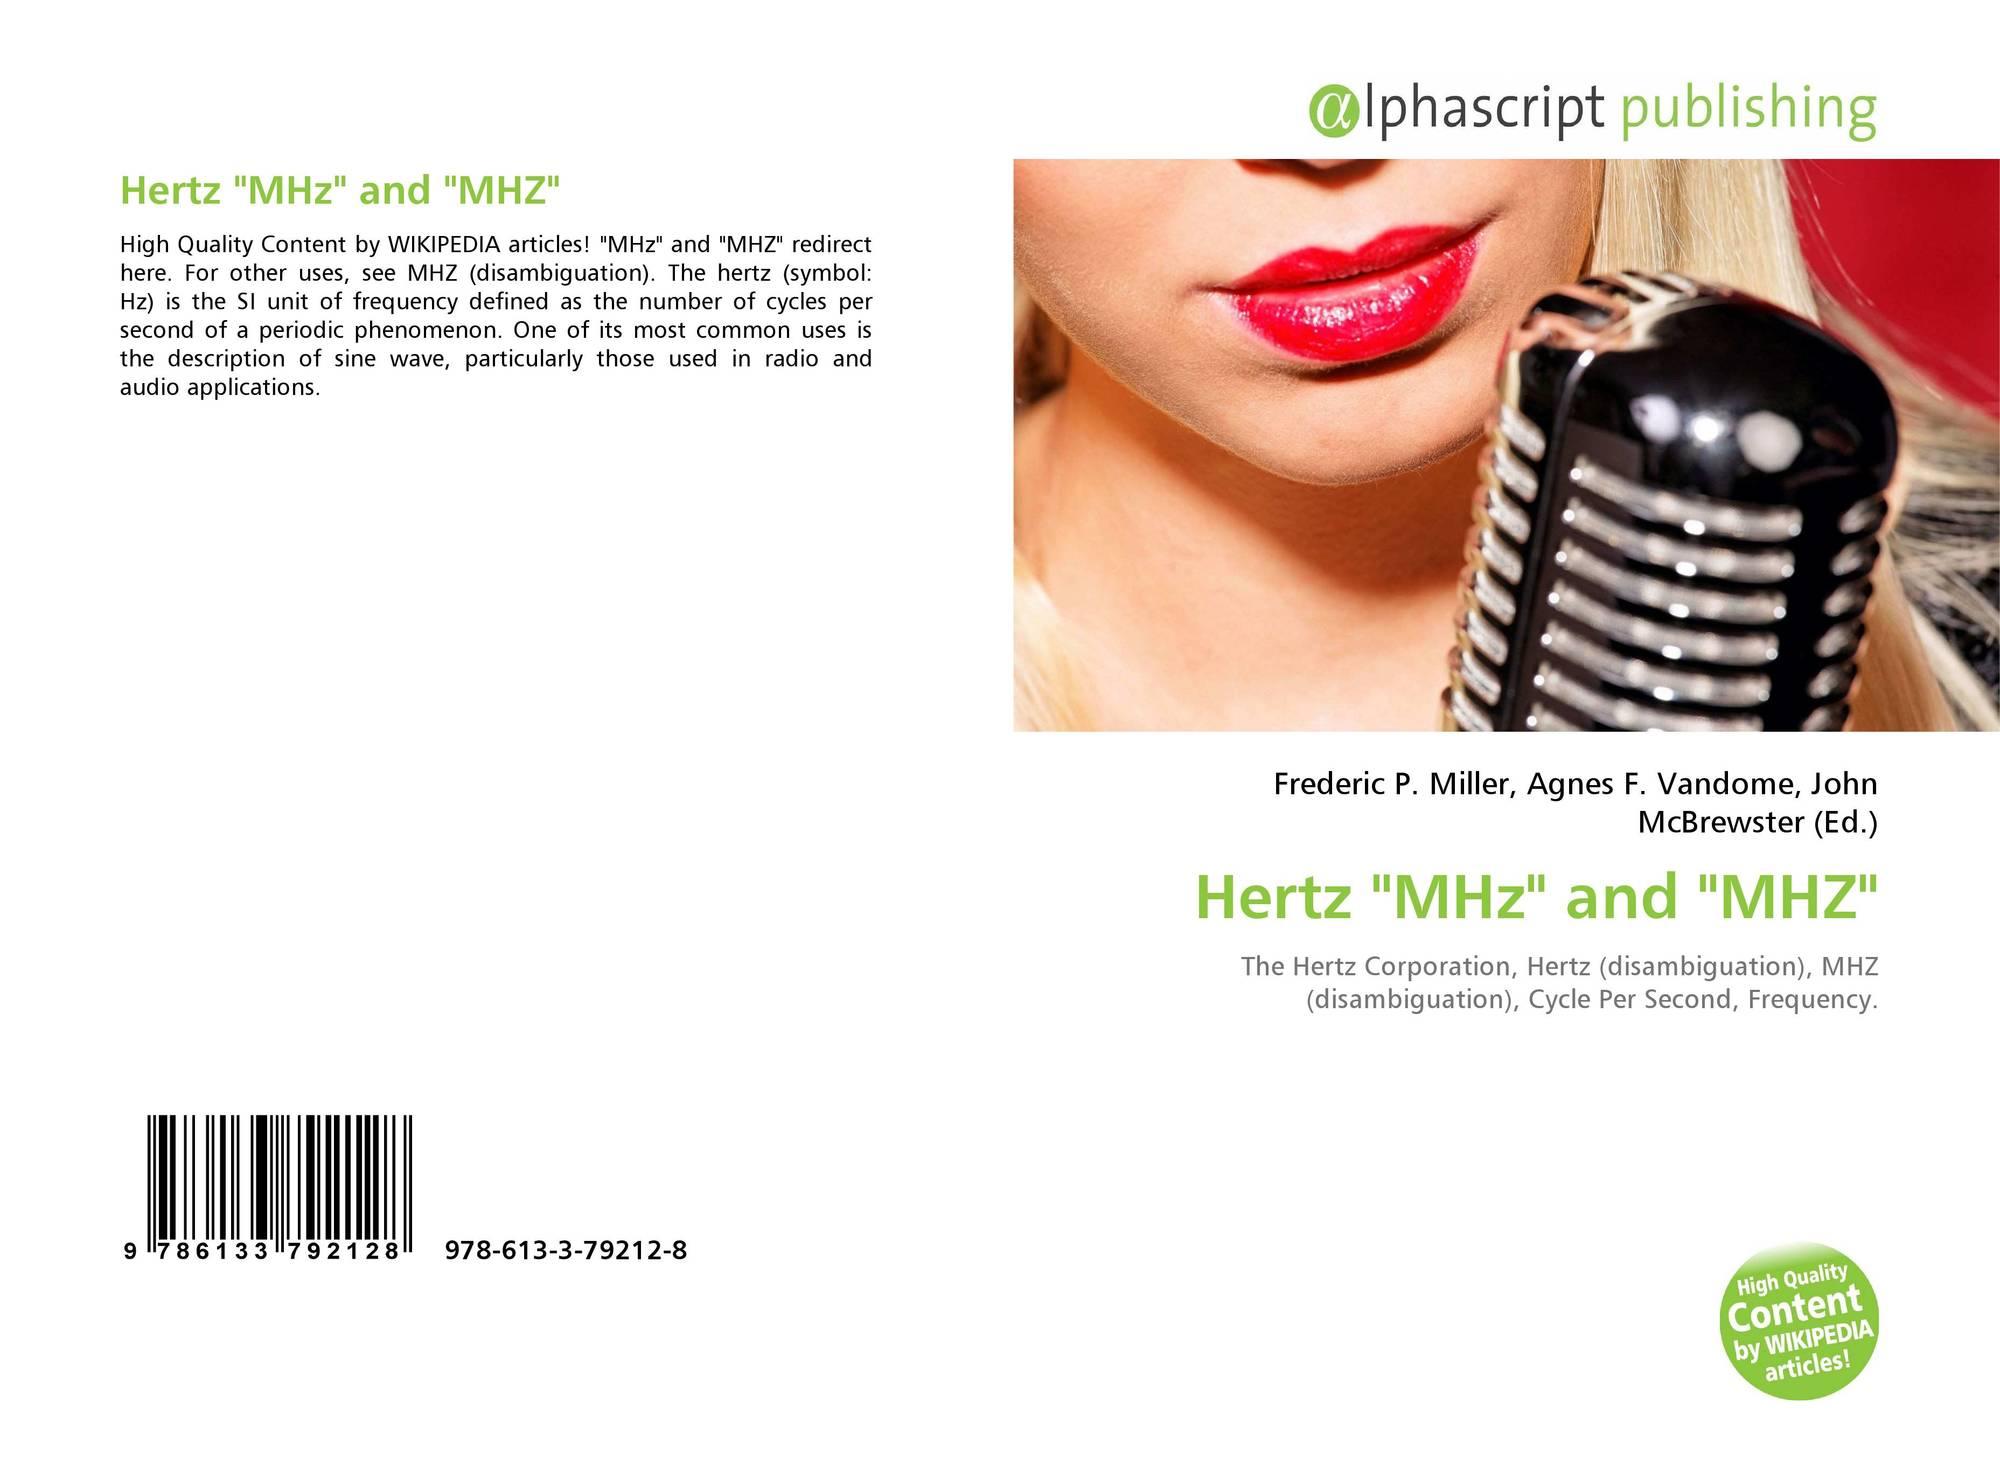 Hertz Mhz And Mhz 978 613 3 79212 8 6133792124 9786133792128